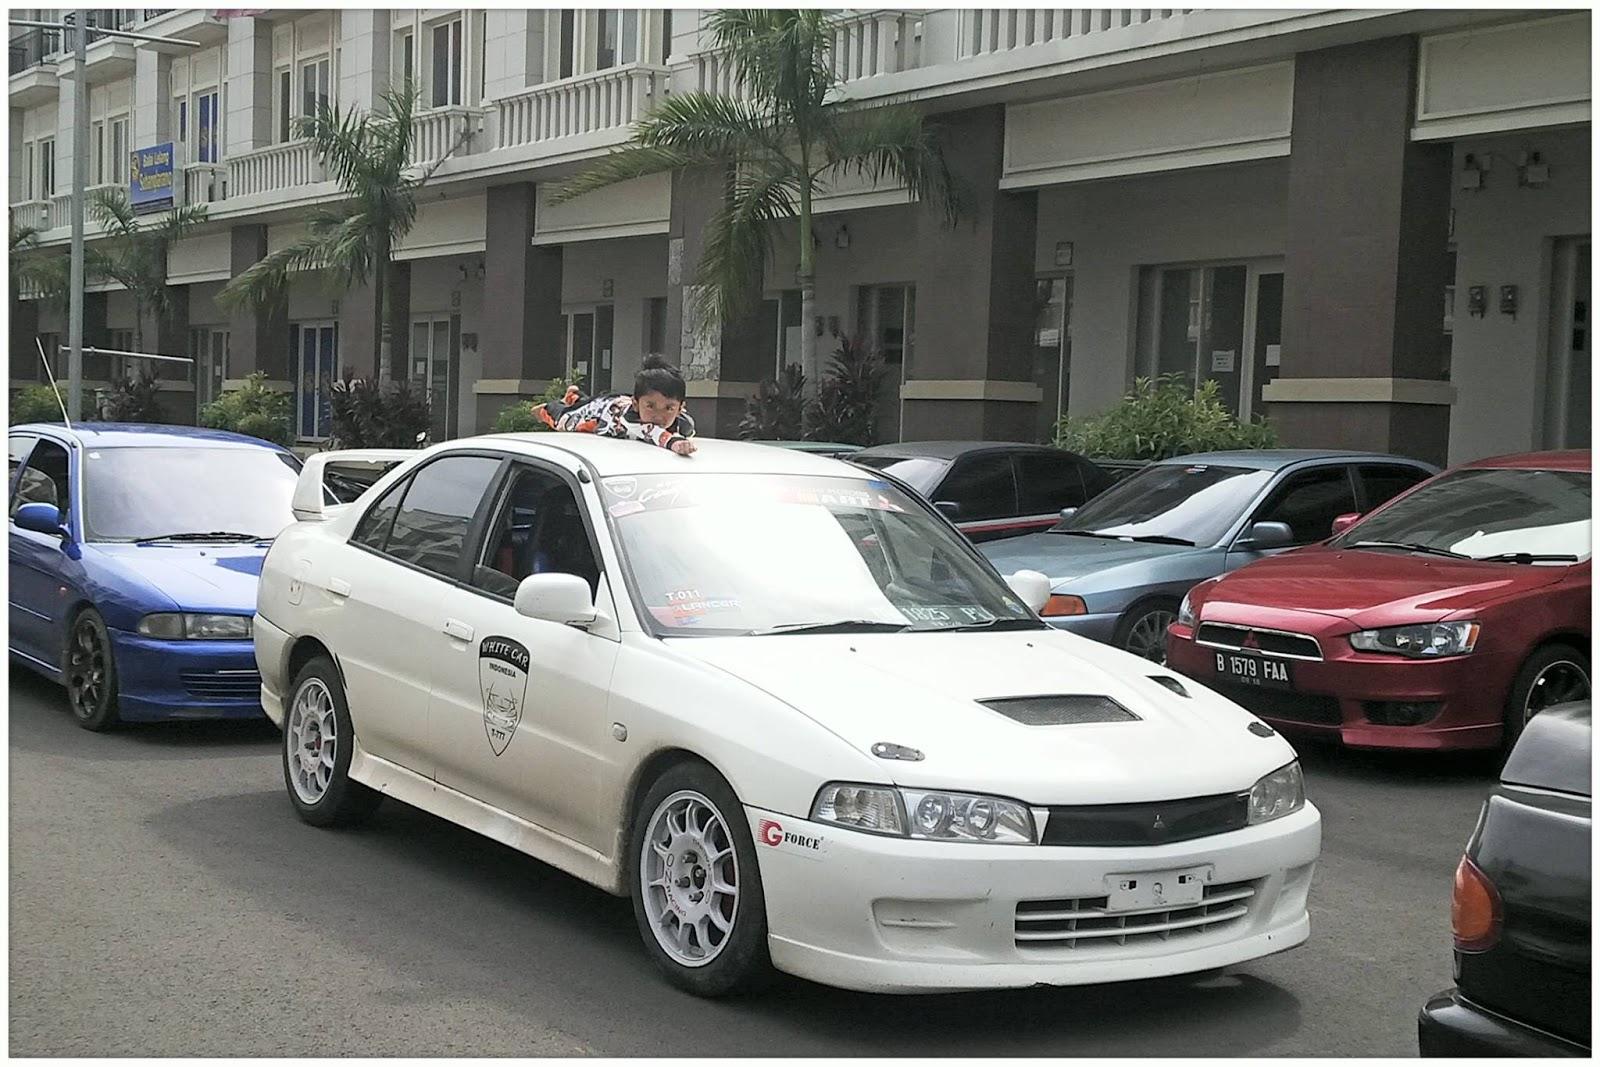 Mitsubishi Lancer Indonesia: Kumpulan Poto Modifikasi